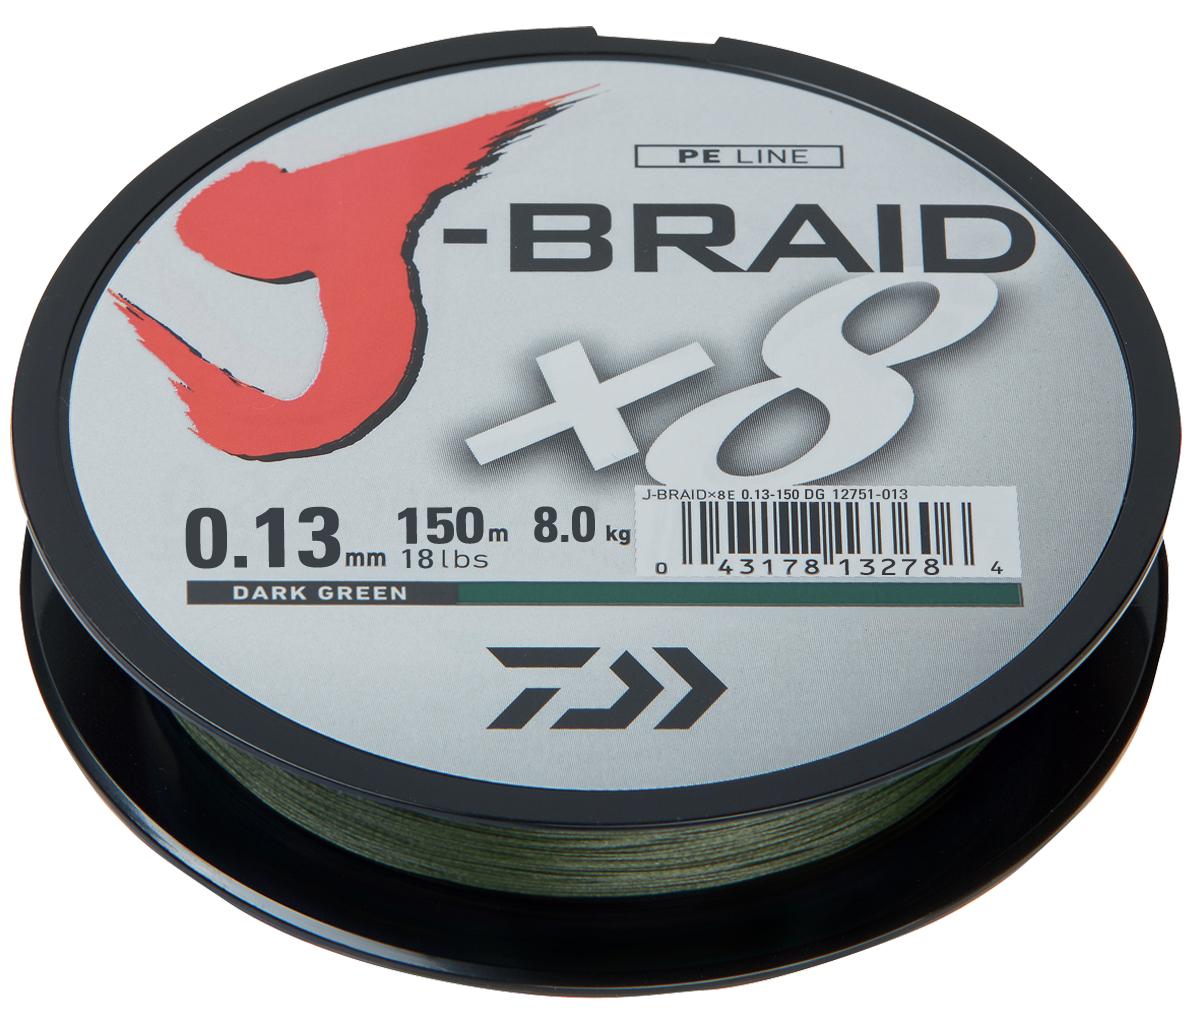 Шнур плетеный Daiwa J-Braid X8, цвет: зеленый, 150 м, 0,13 мм61100J-Braid от Daiwa - исключительный шнур с плетением в 8 нитей. Он полностью удовлетворяет всем требованиям, предъявляемым высококачественным плетеным шнурам. Неважно, собрались ли вы ловить крупных морских хищников, как палтус, треска или сайда, или окуня и судака, с вашим новым J-Braid вы всегда контролируете рыбу. J-Braid предлагает соответствующий диаметр для любых техник ловли: море, река или озеро - невероятно прочный и надежный. J-Braid скользит через кольца, обеспечивая дальний и точный заброс даже самых легких приманок. Идеален для спиннинговых и бейткастинговых катушек! Невероятное соотношение цены и качества!